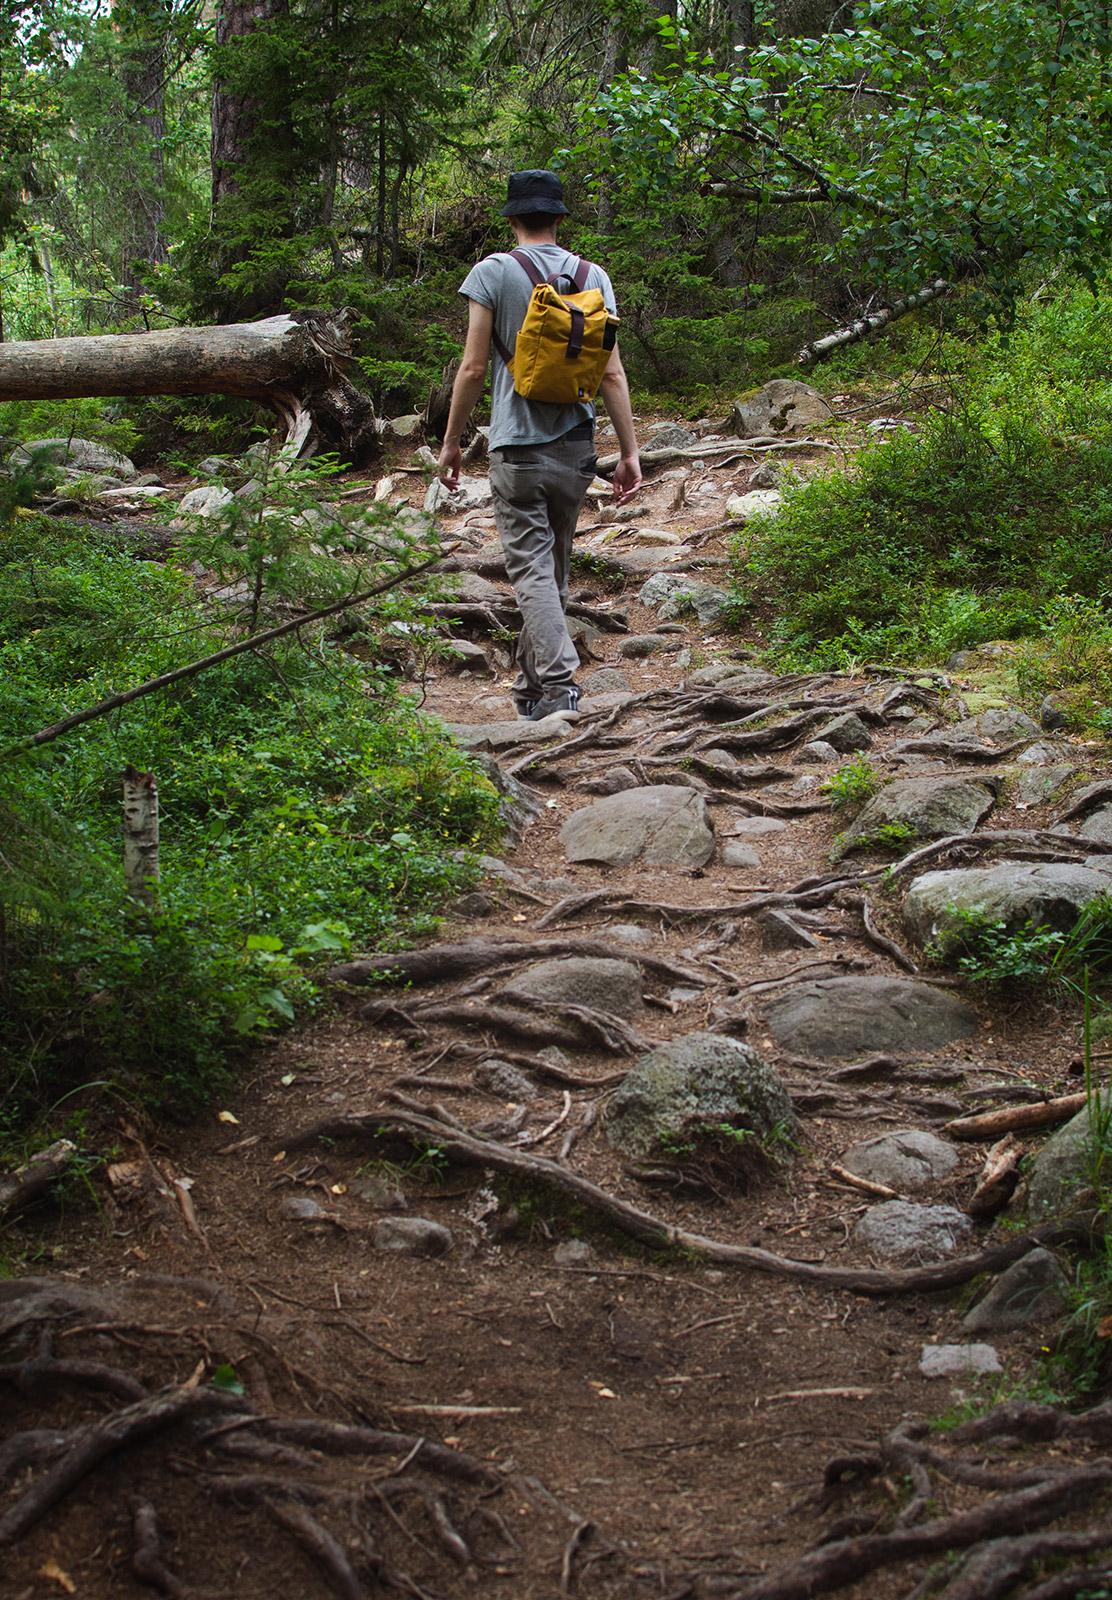 Rough hiking trail